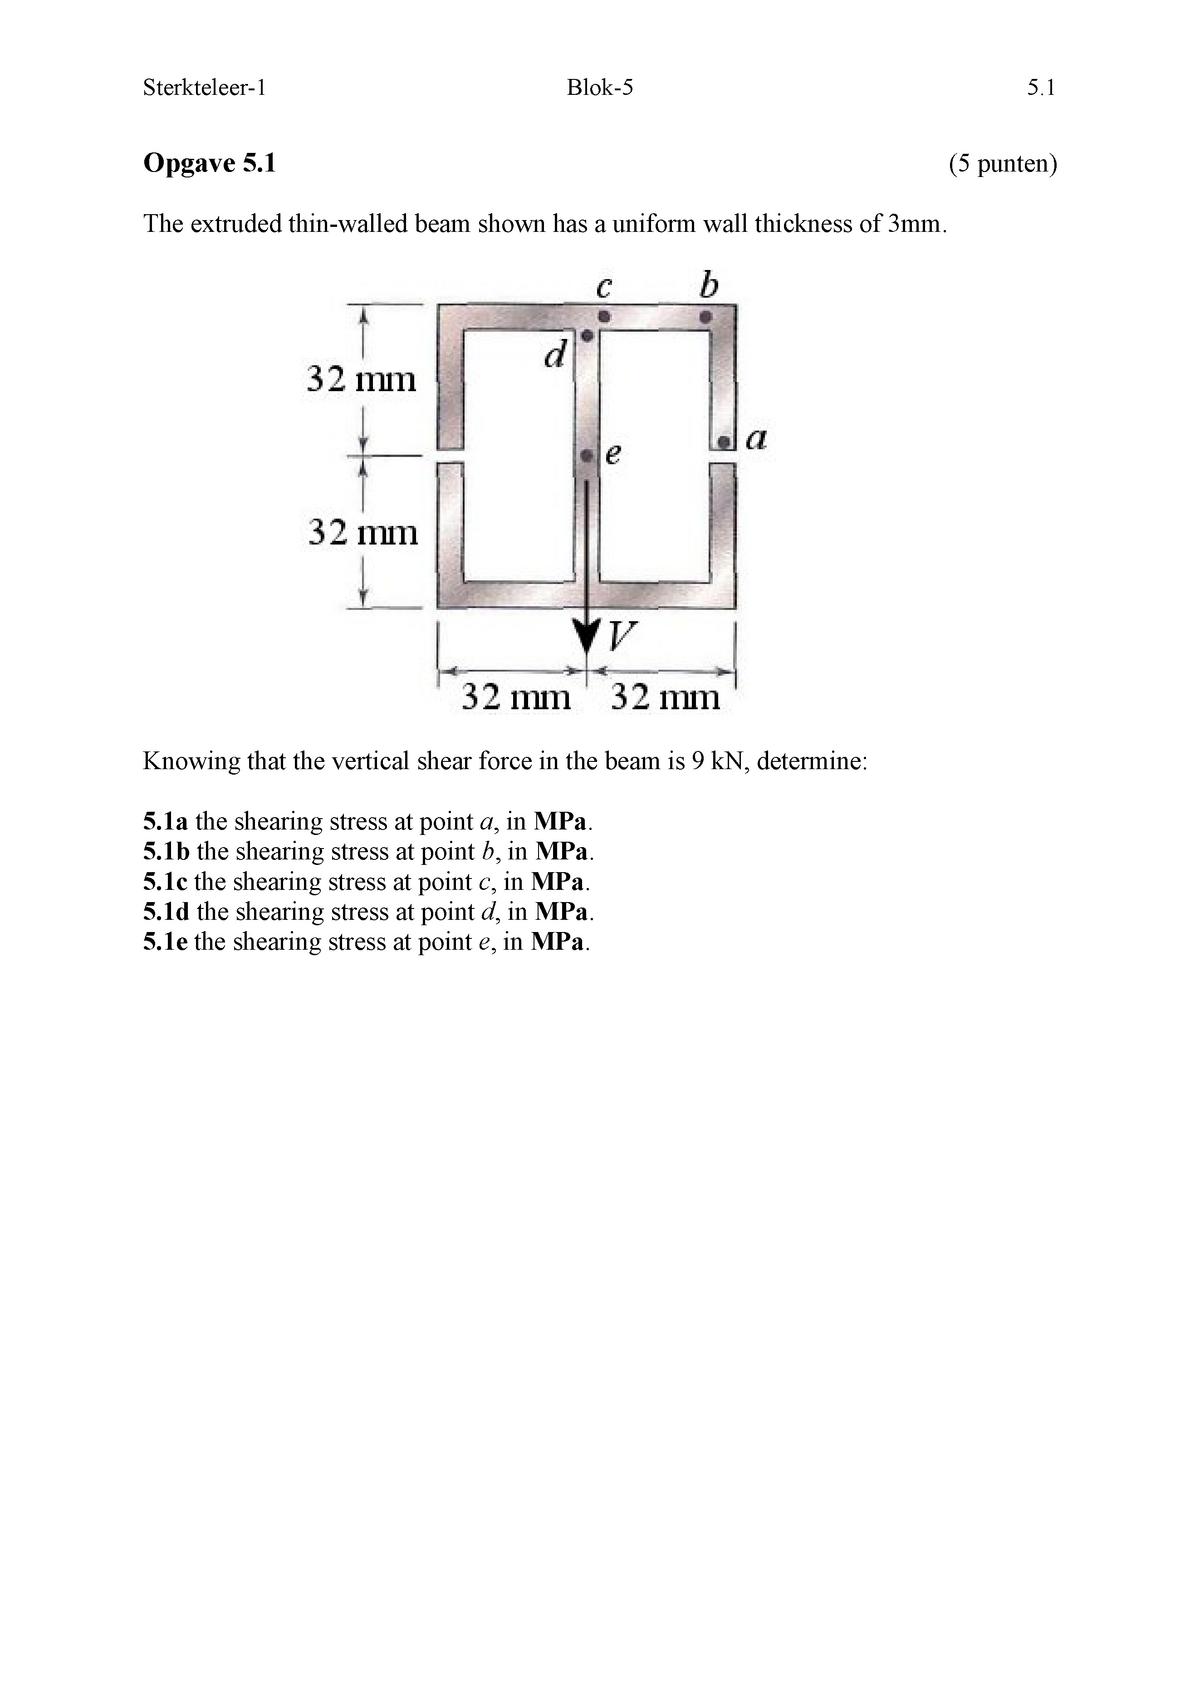 WBMT Block 5 Figures - WB1631-15: Sterkteleer - StuDocu